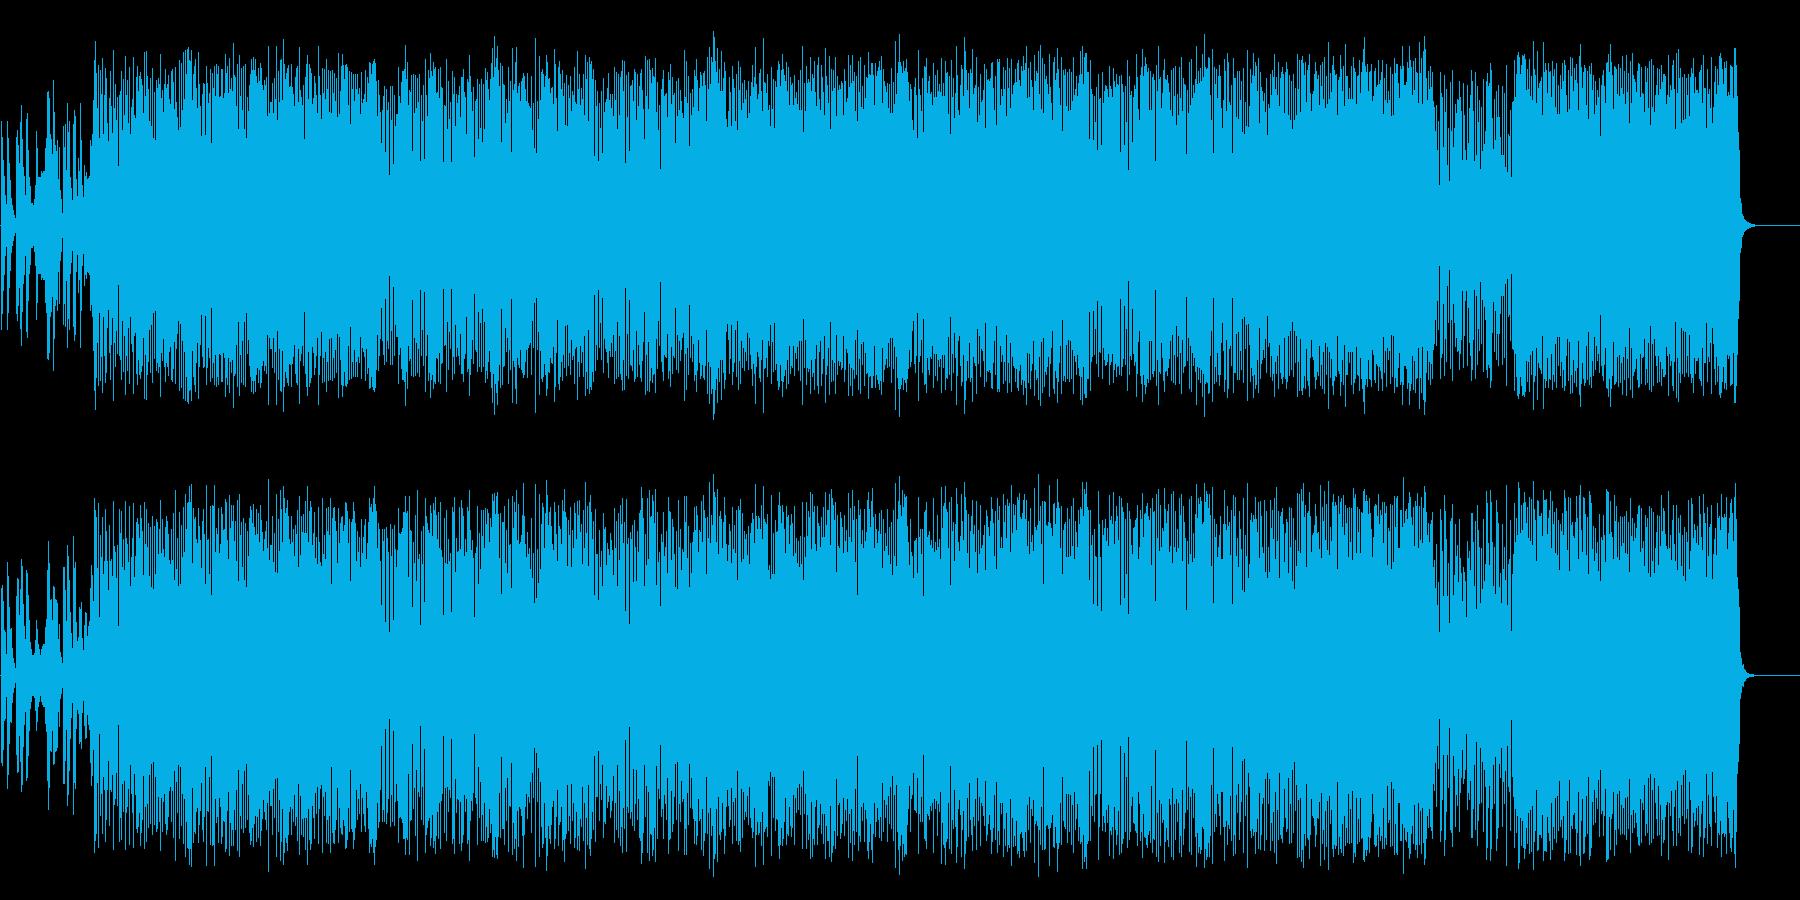 ロードショーのオープニング風軽快なポップの再生済みの波形